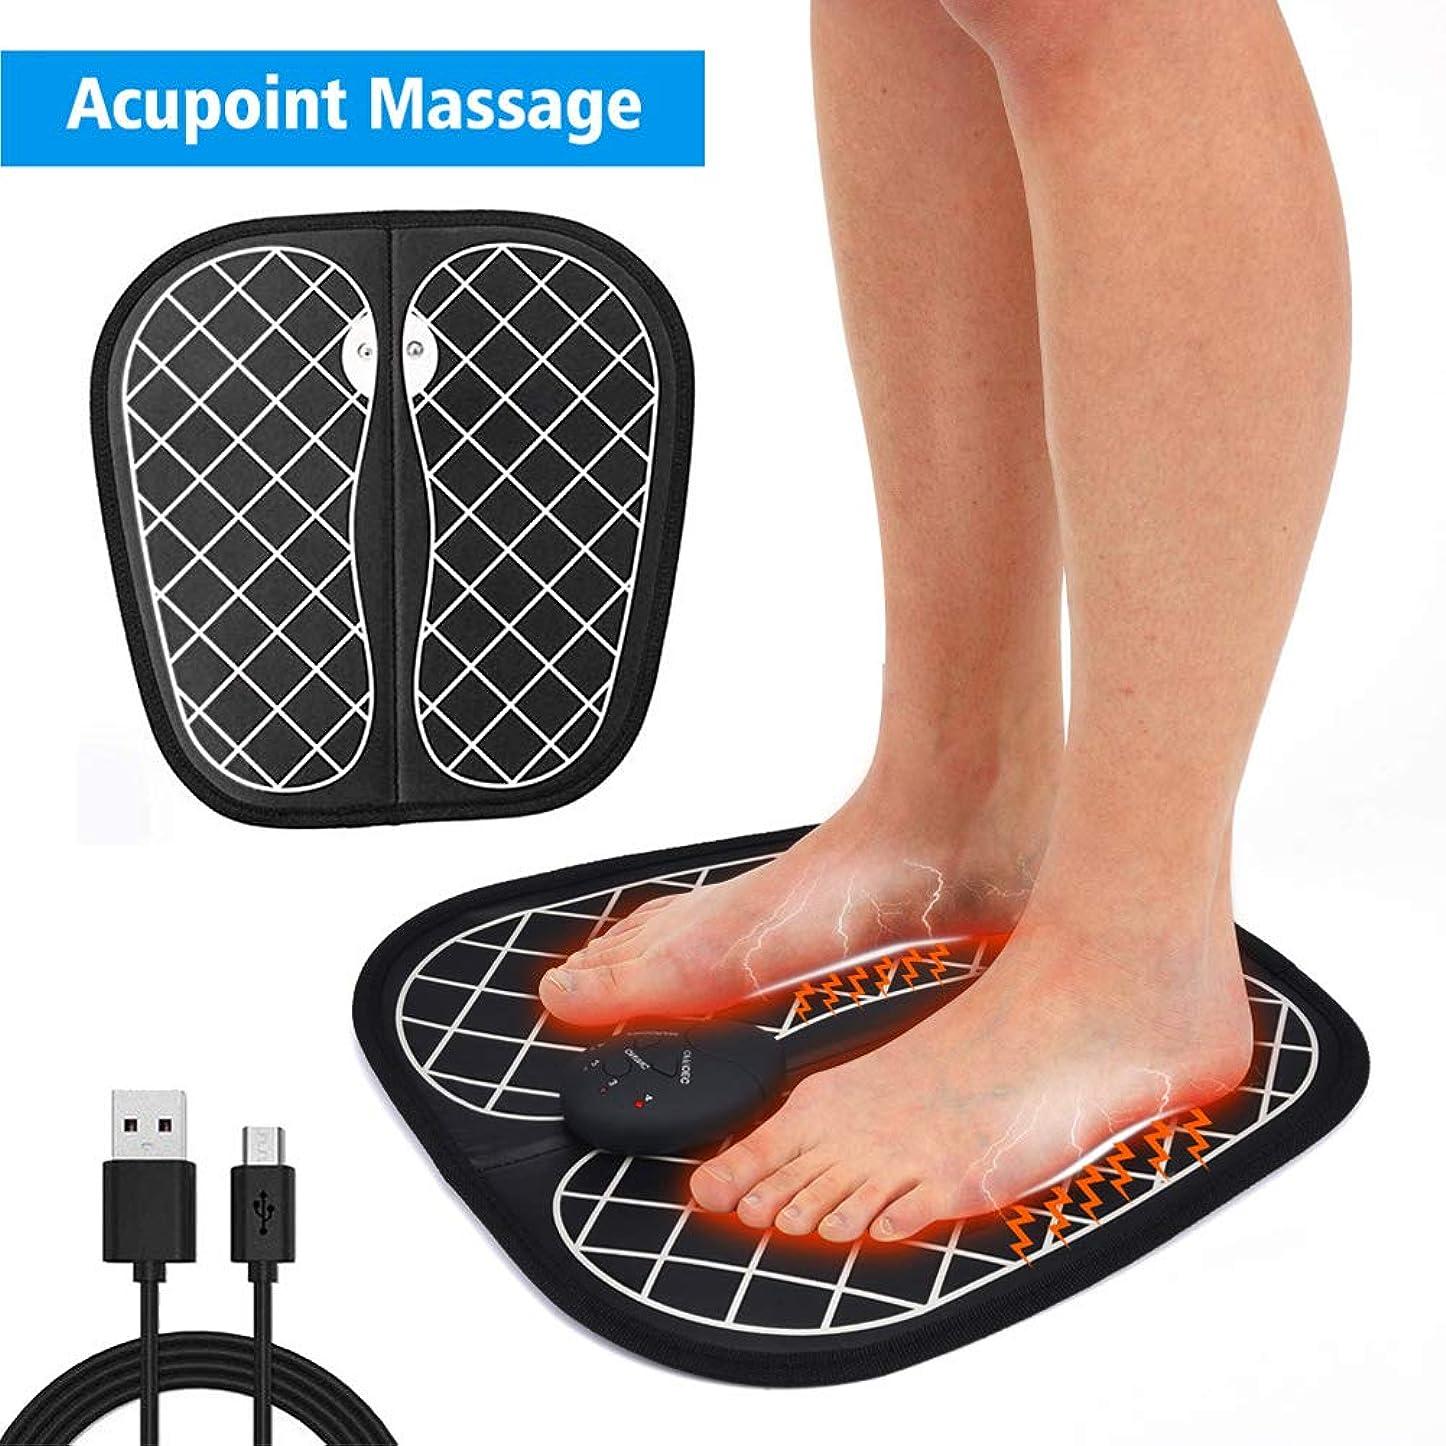 ブラシ逃れるジャンプするEMSフットマッサージャー、フットマッサージャー、ABSパッド、USB充電、リラクゼーション、血液循環の促進、足の疲労の緩和,A